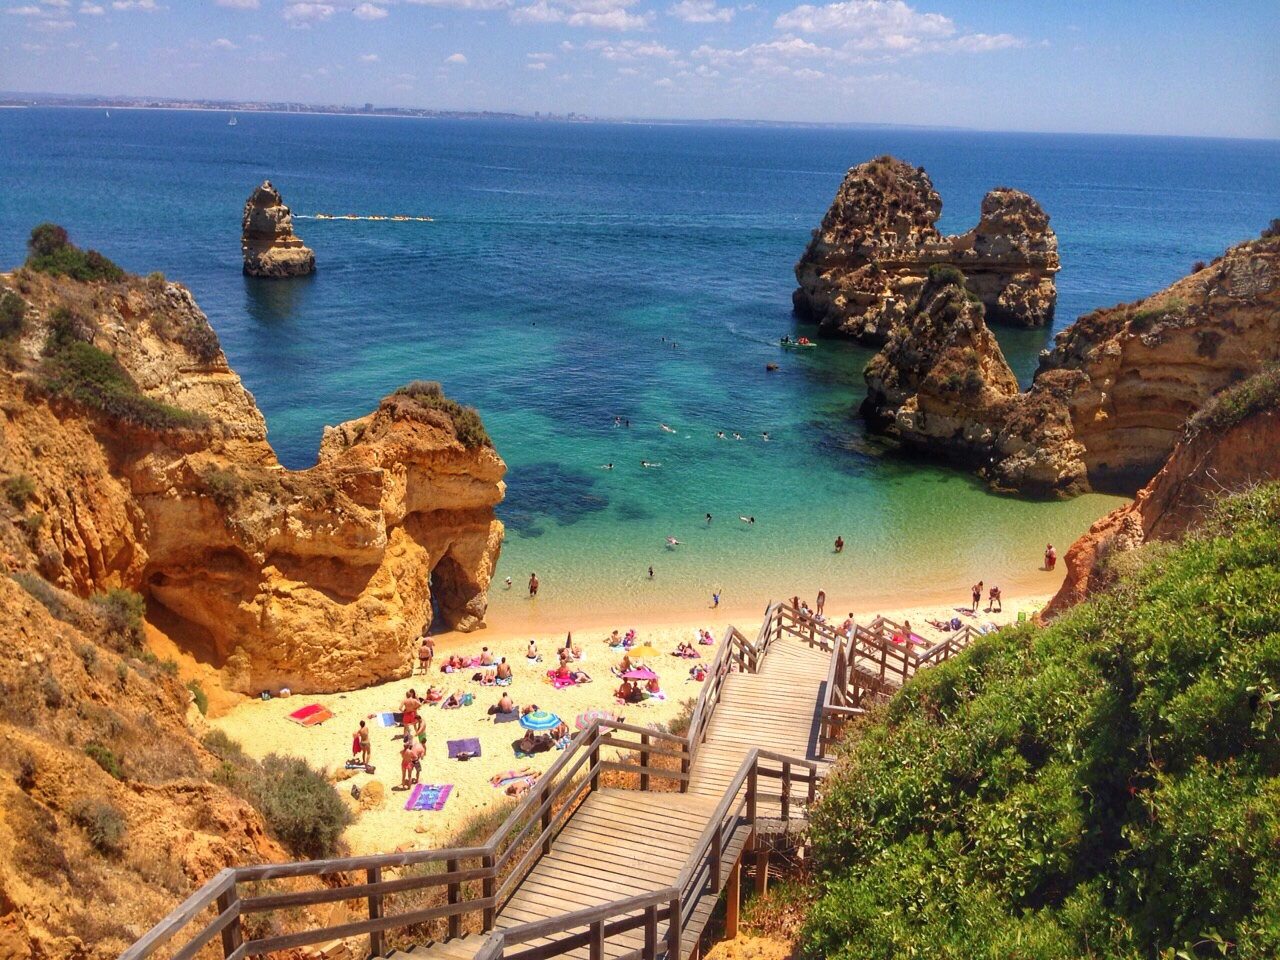 ideias de destinos para o verão europeu - algarve portugal - lala rebelo